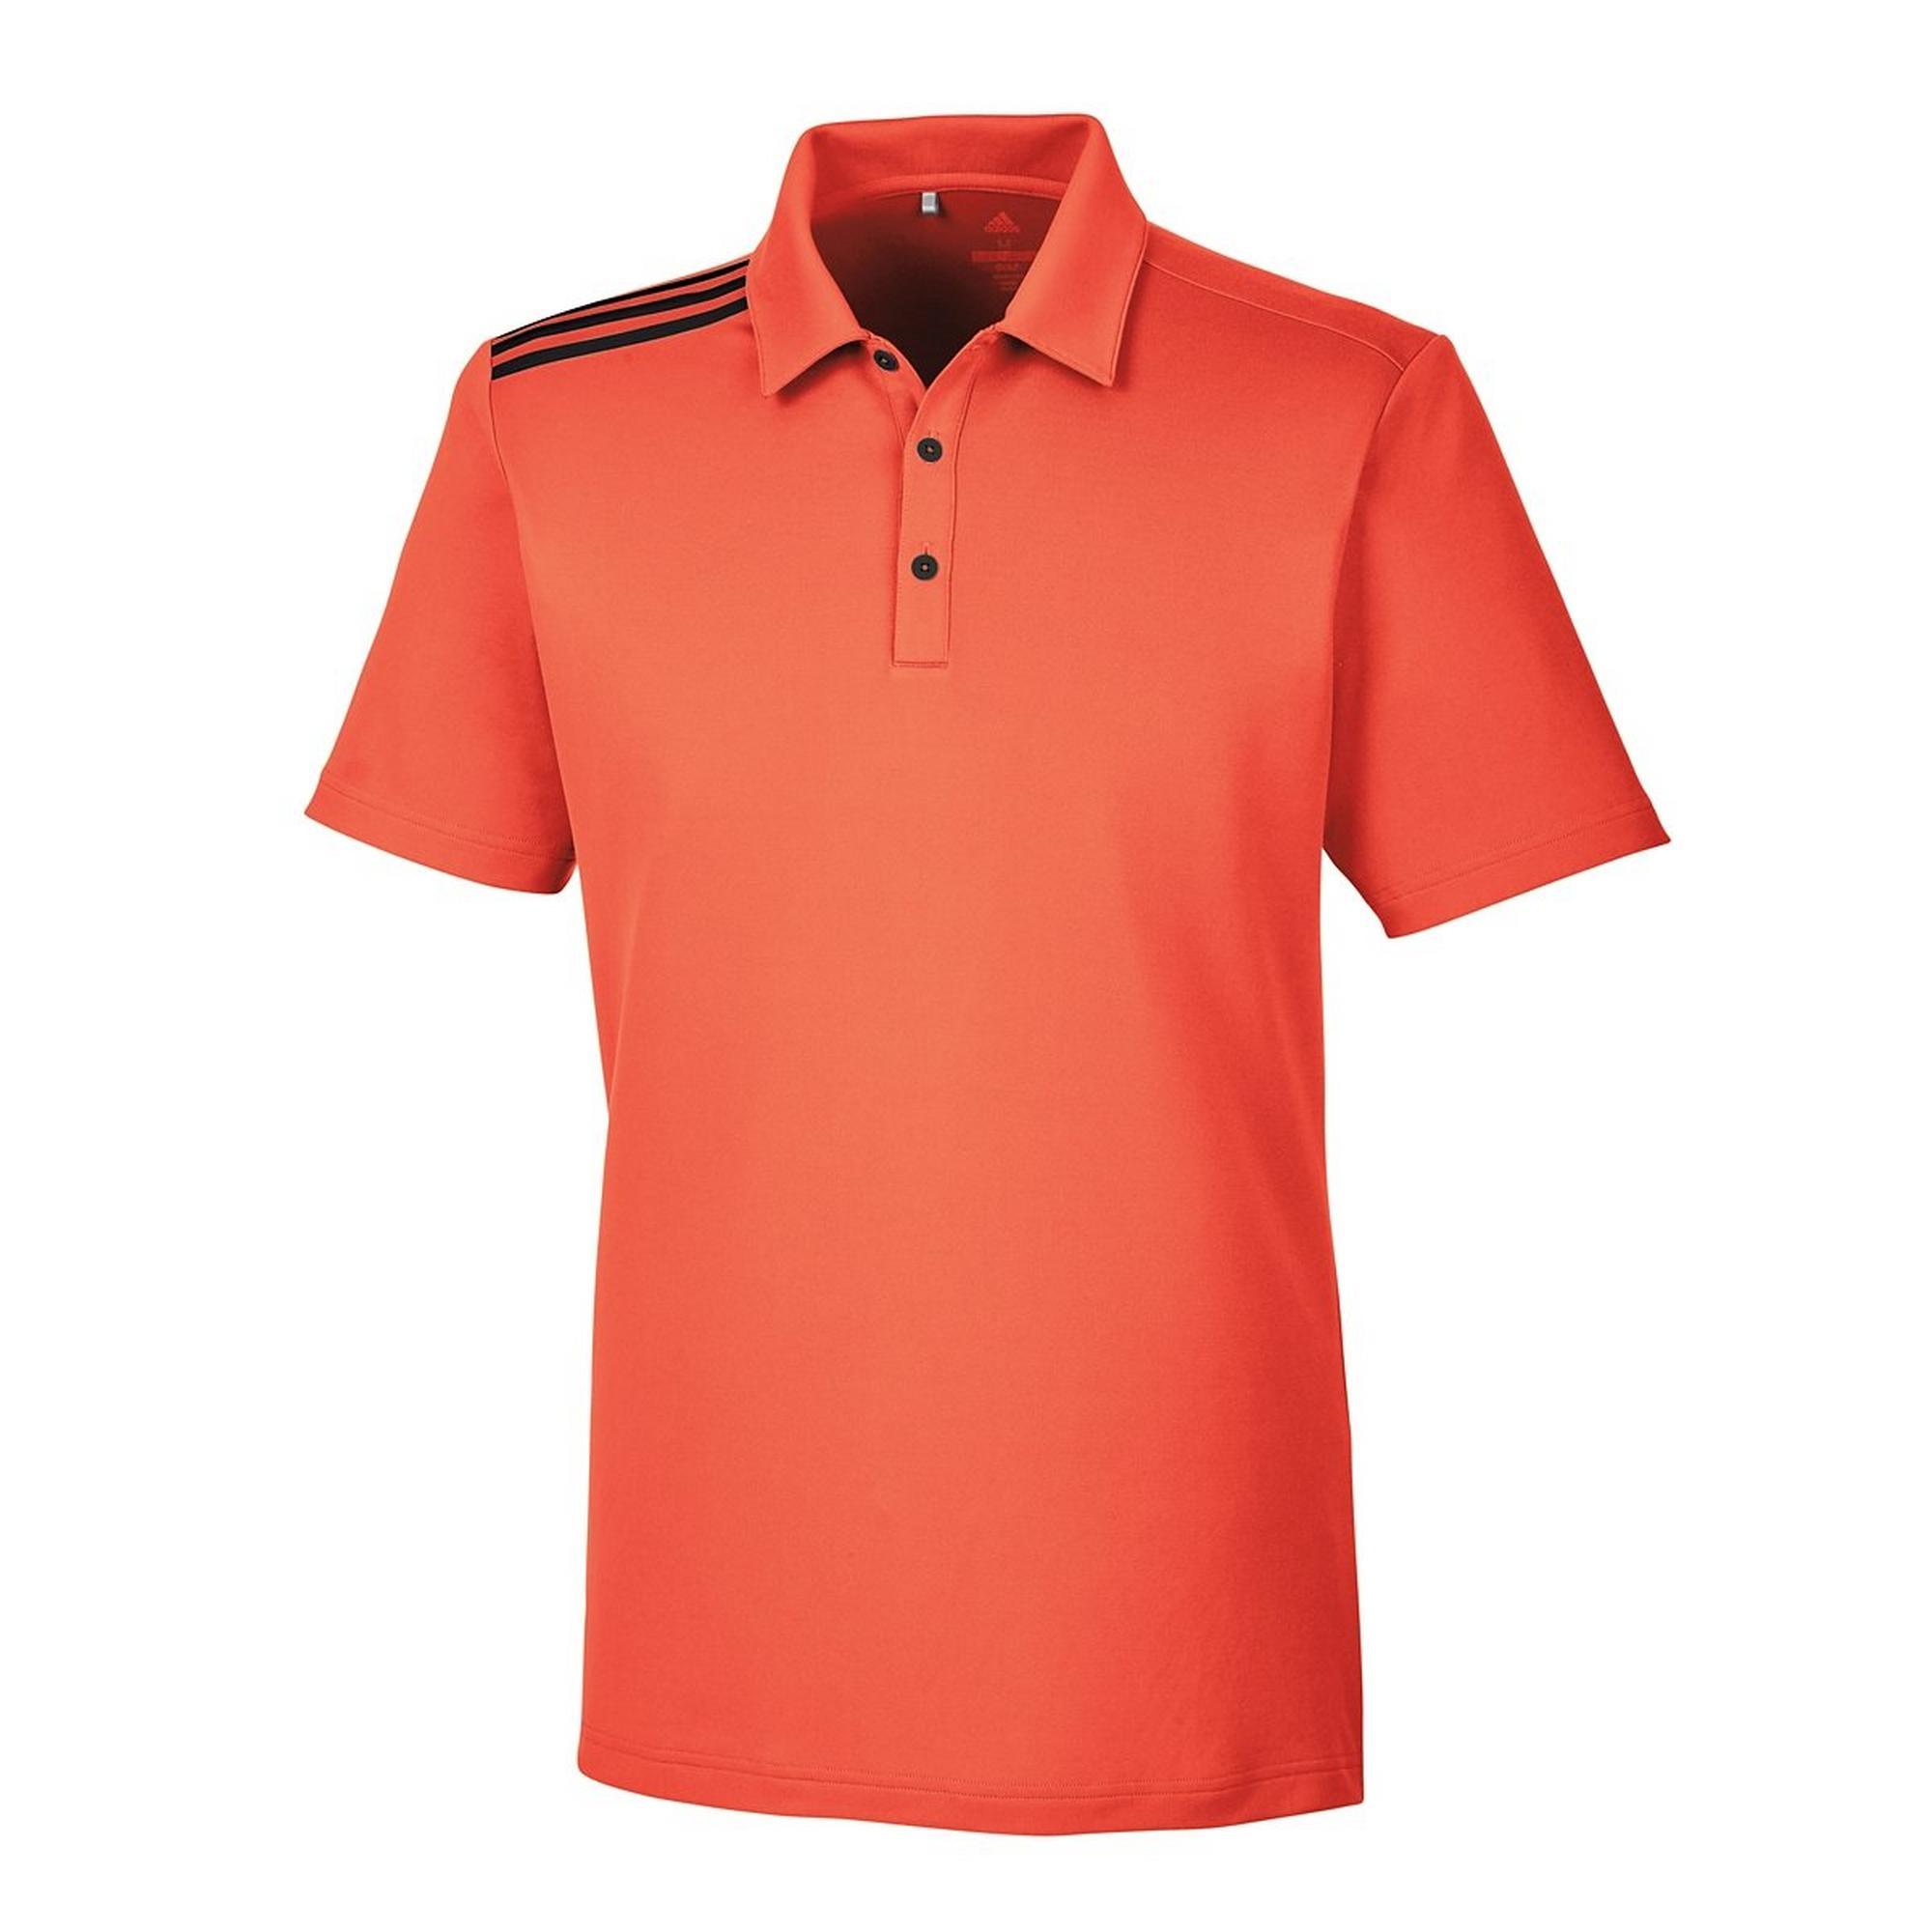 Men's 3-Stripe Short Sleeve Polo